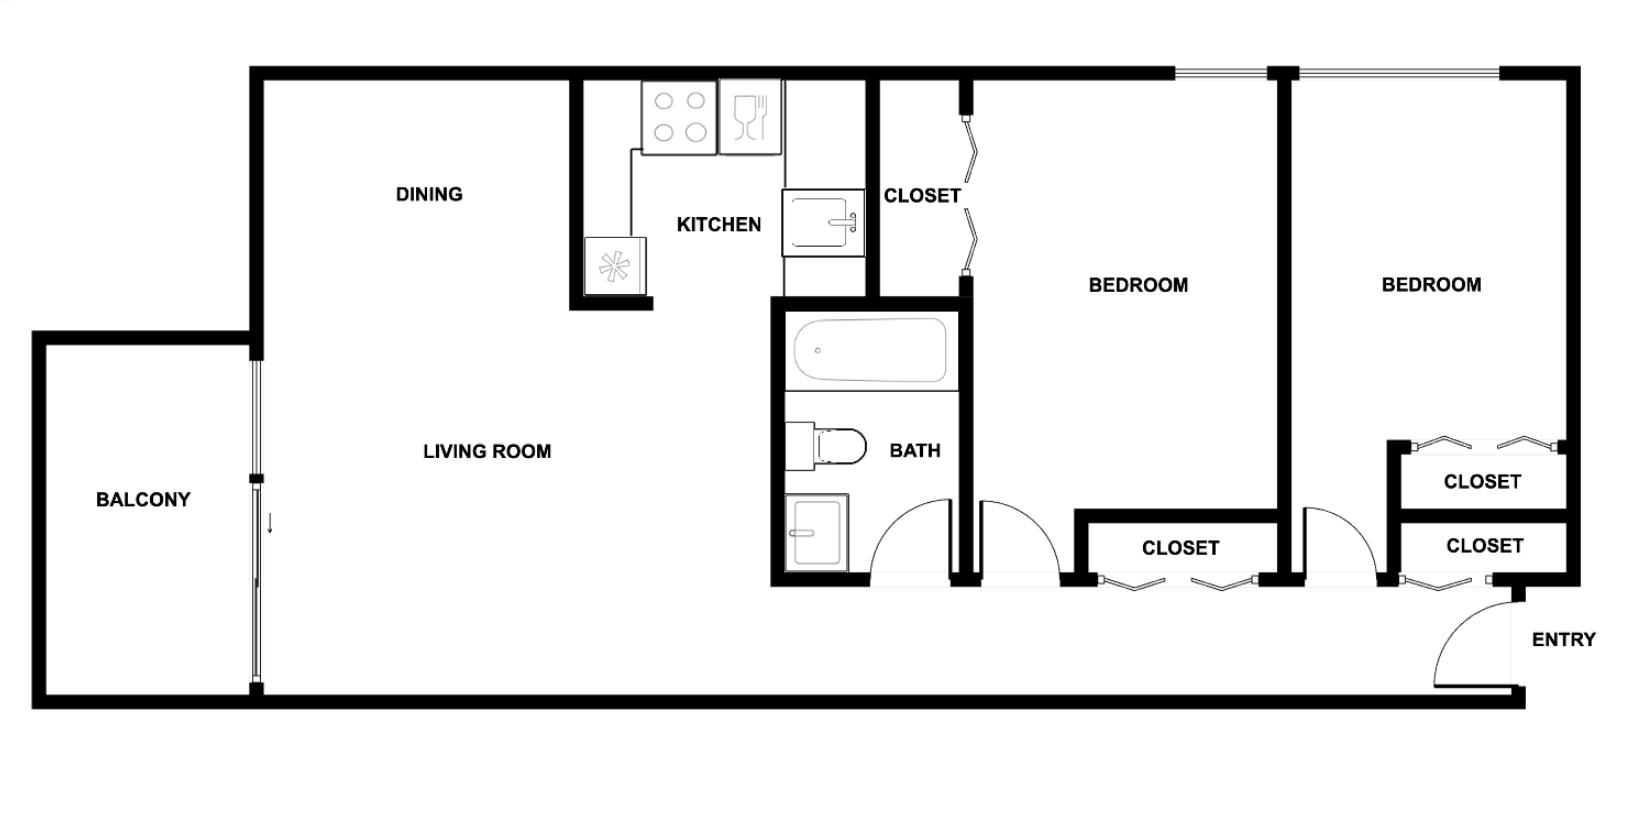 627-floor-plan-2-Bed-103-203